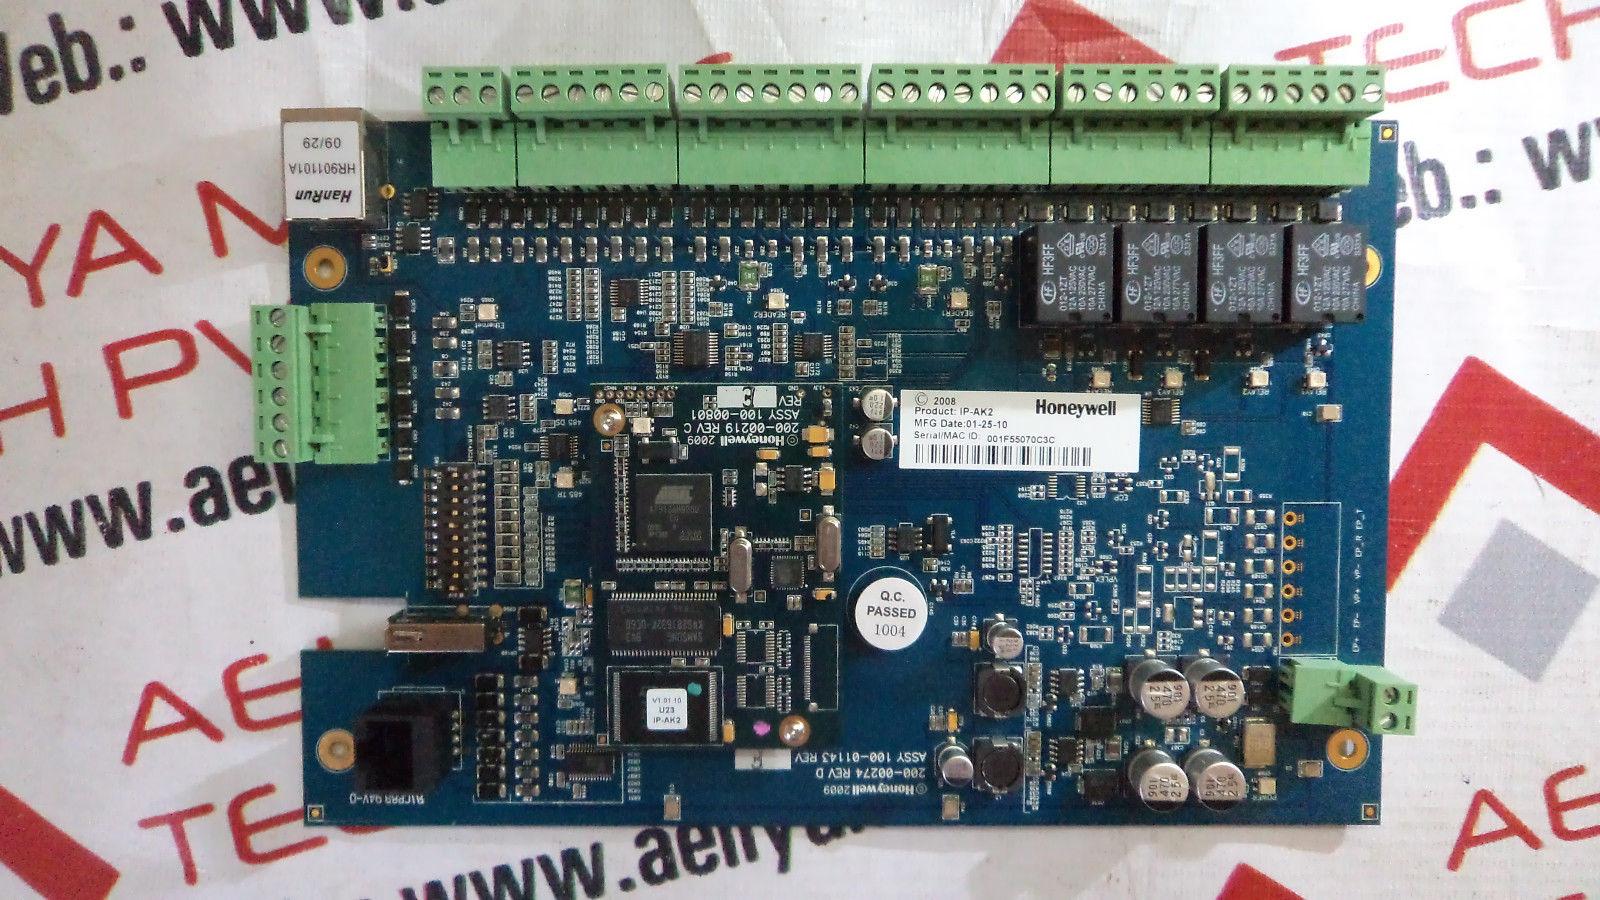 Bộ điều khiển 2 cửa HONEYWELL IP-AK2 - Hệ thống kiểm soát vào ra Honeywell dòng WIN-PAK